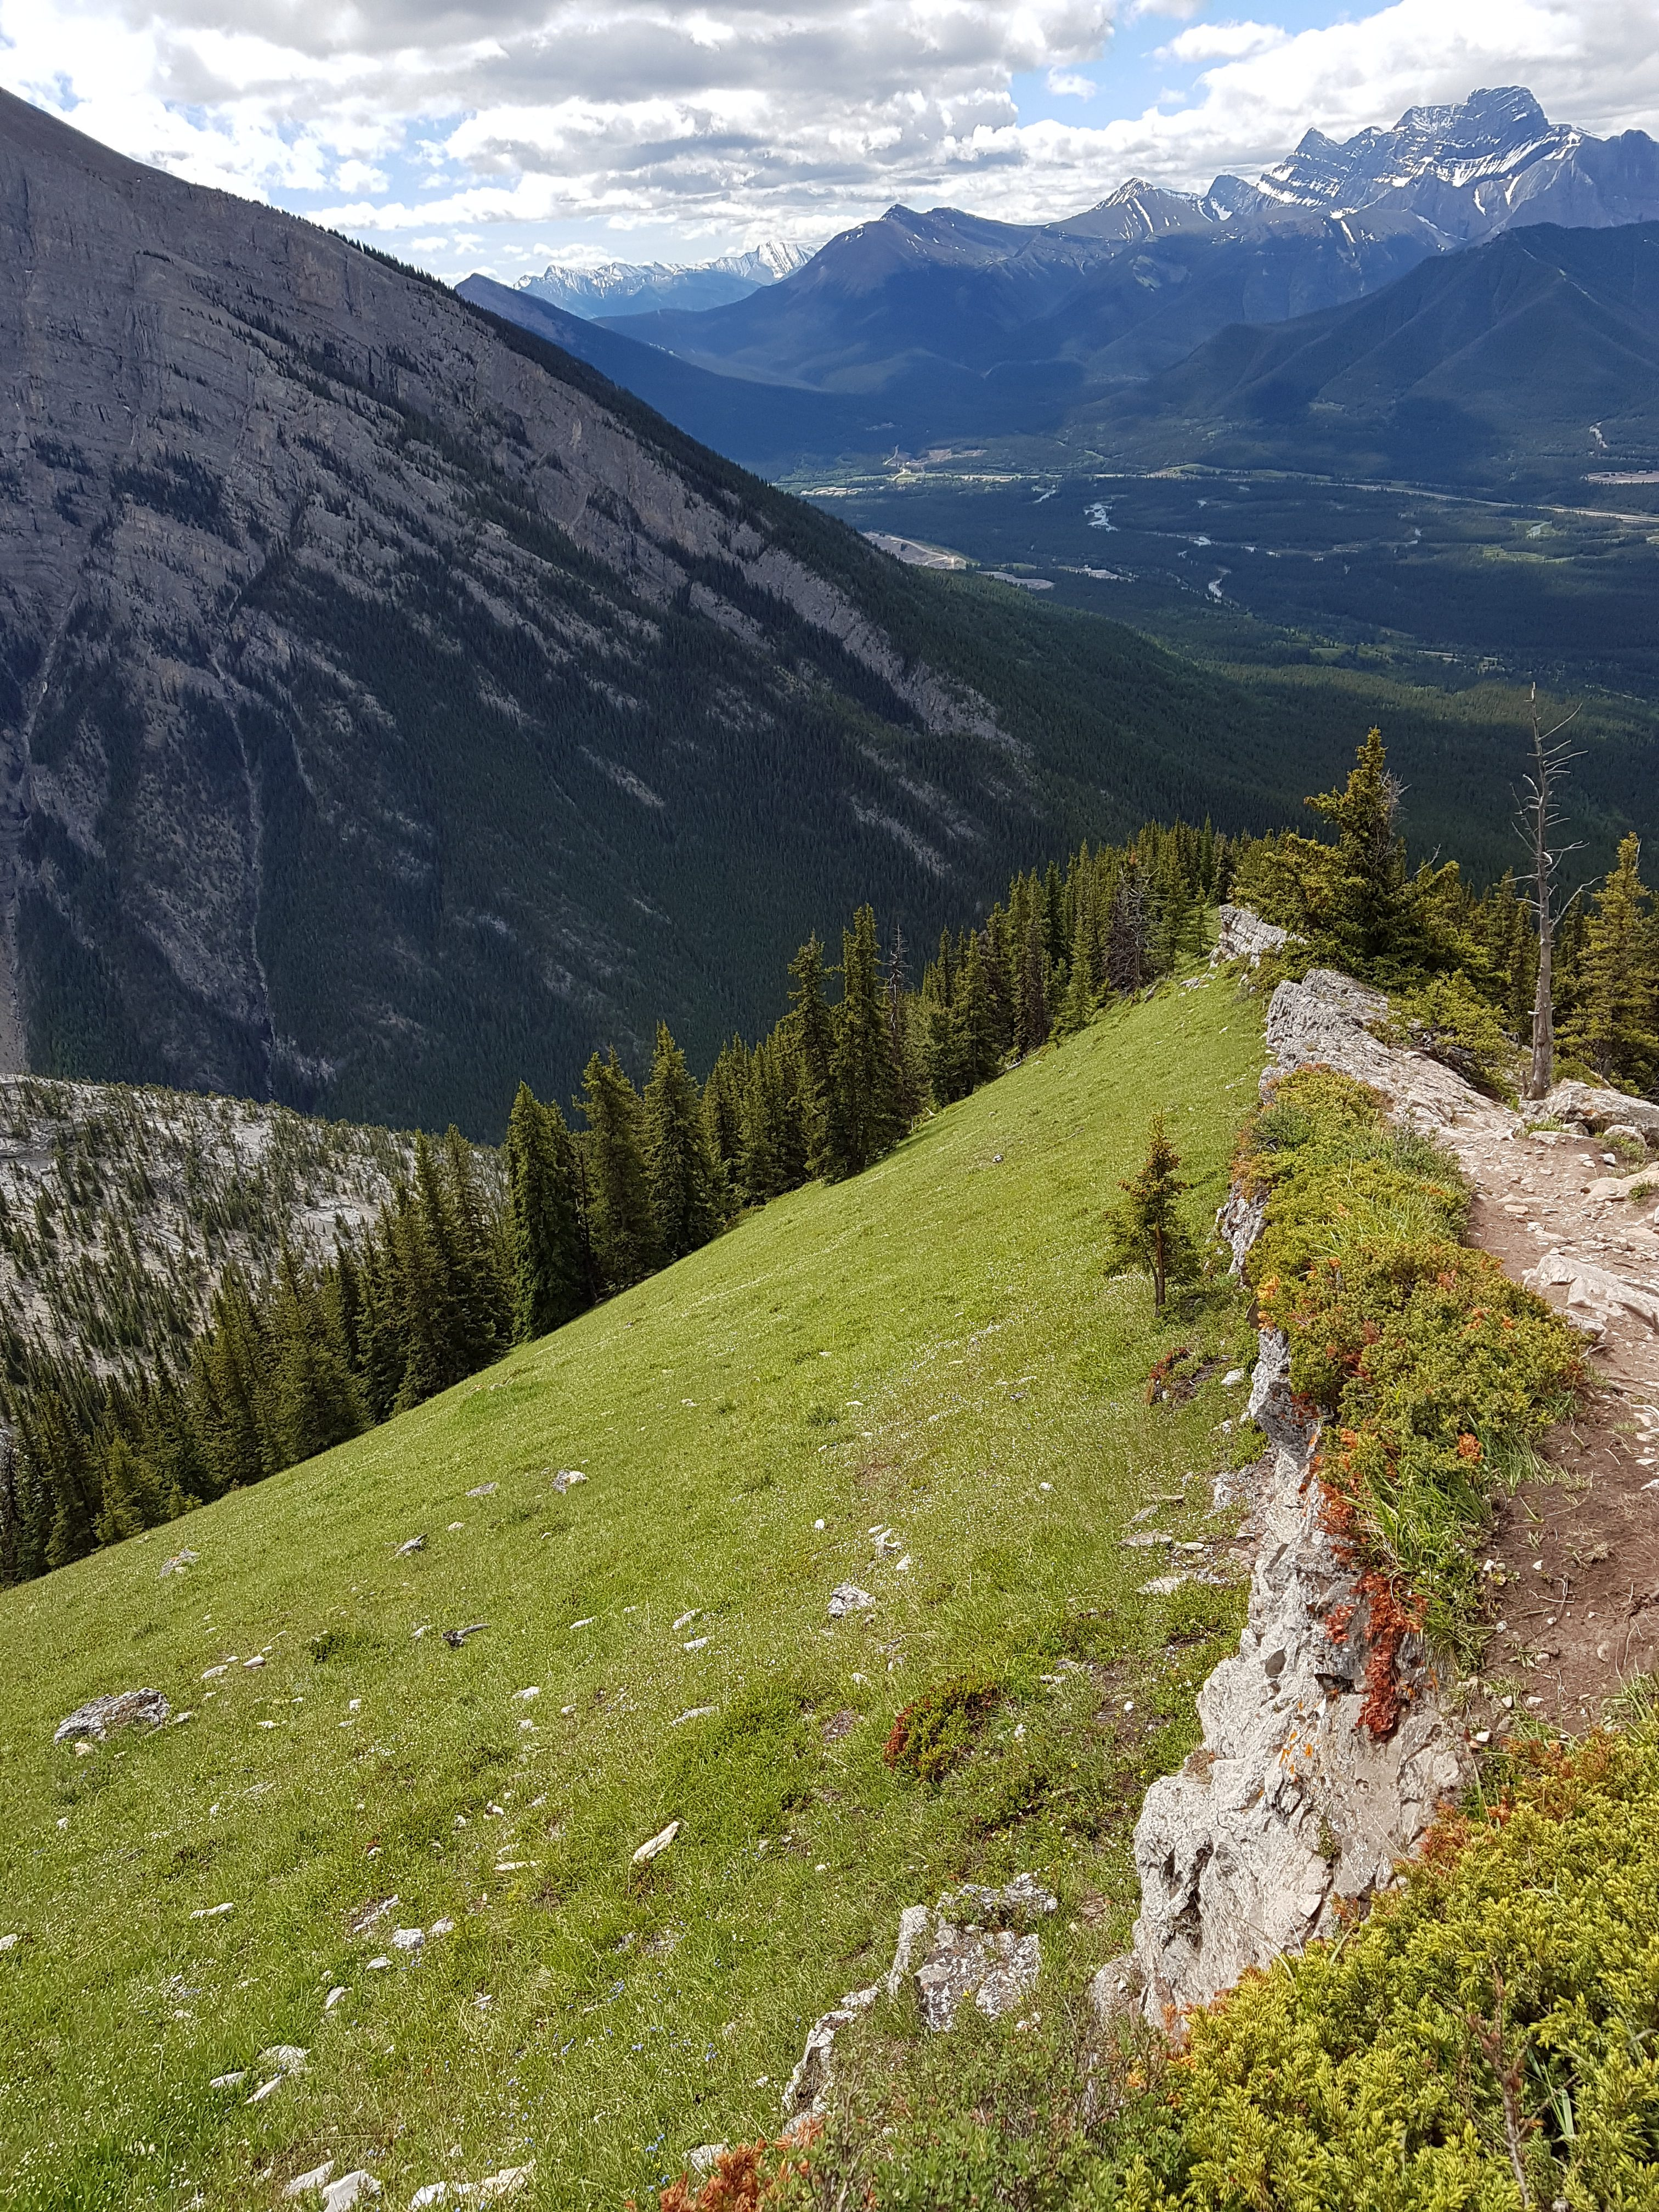 mountain edge view